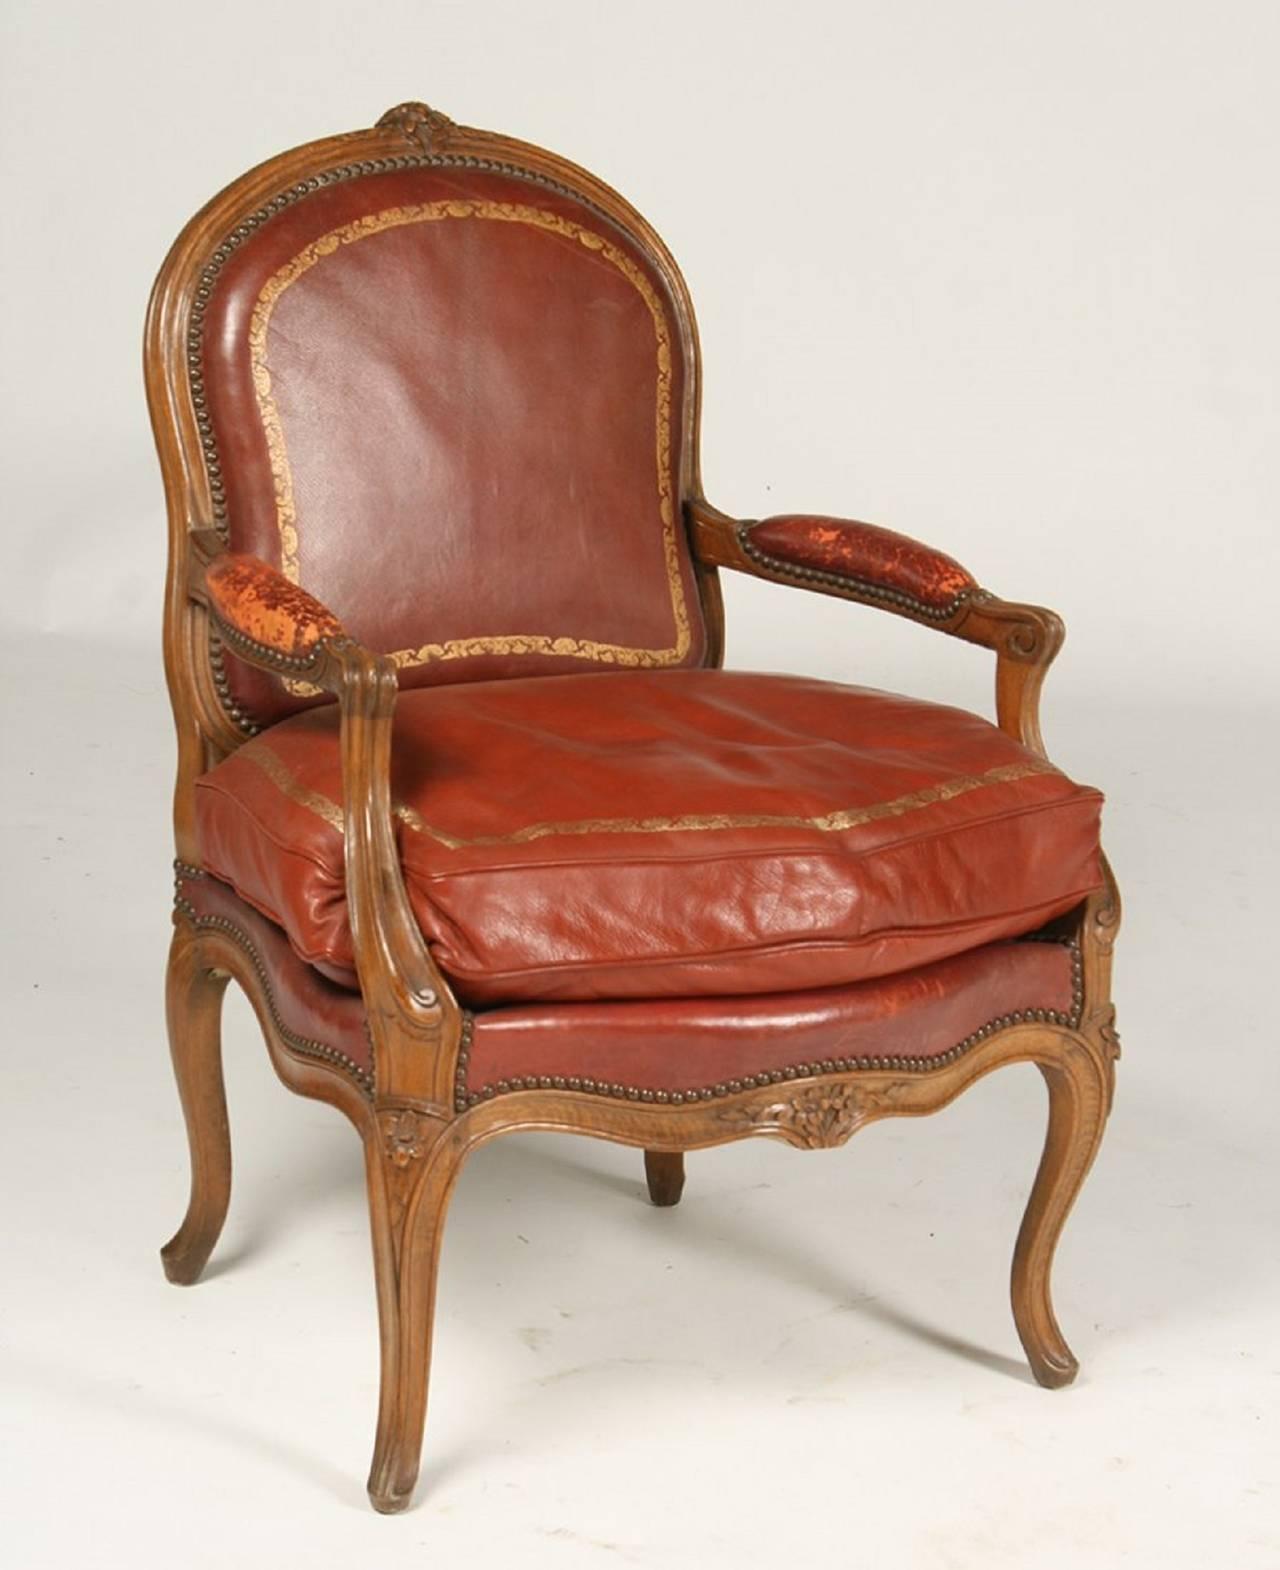 Pair of Louis XV Style Walnut Arm Chairs by Gouffe Paris Circa